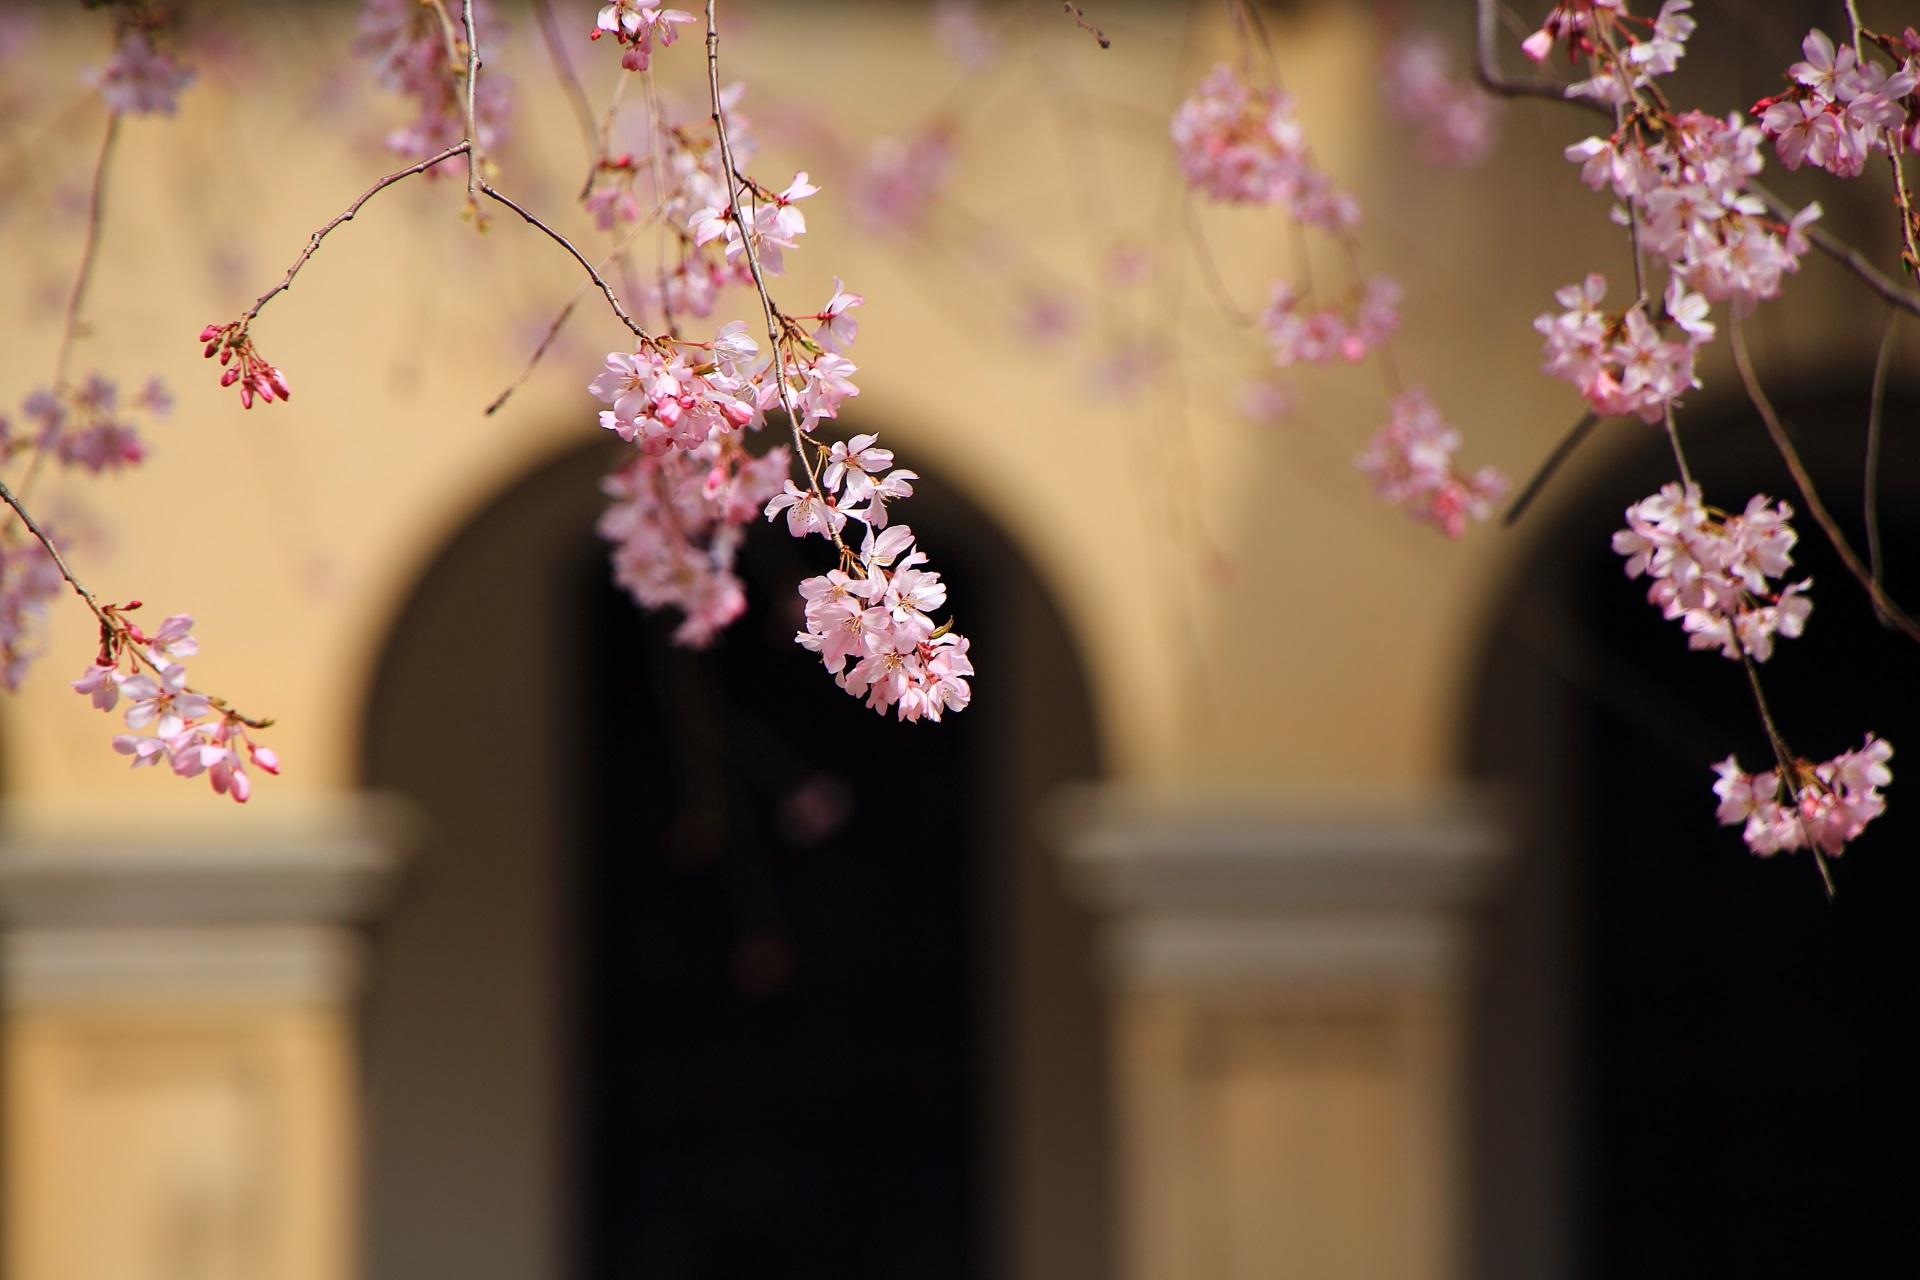 近代建築を背景にした繊細で可愛い花びら